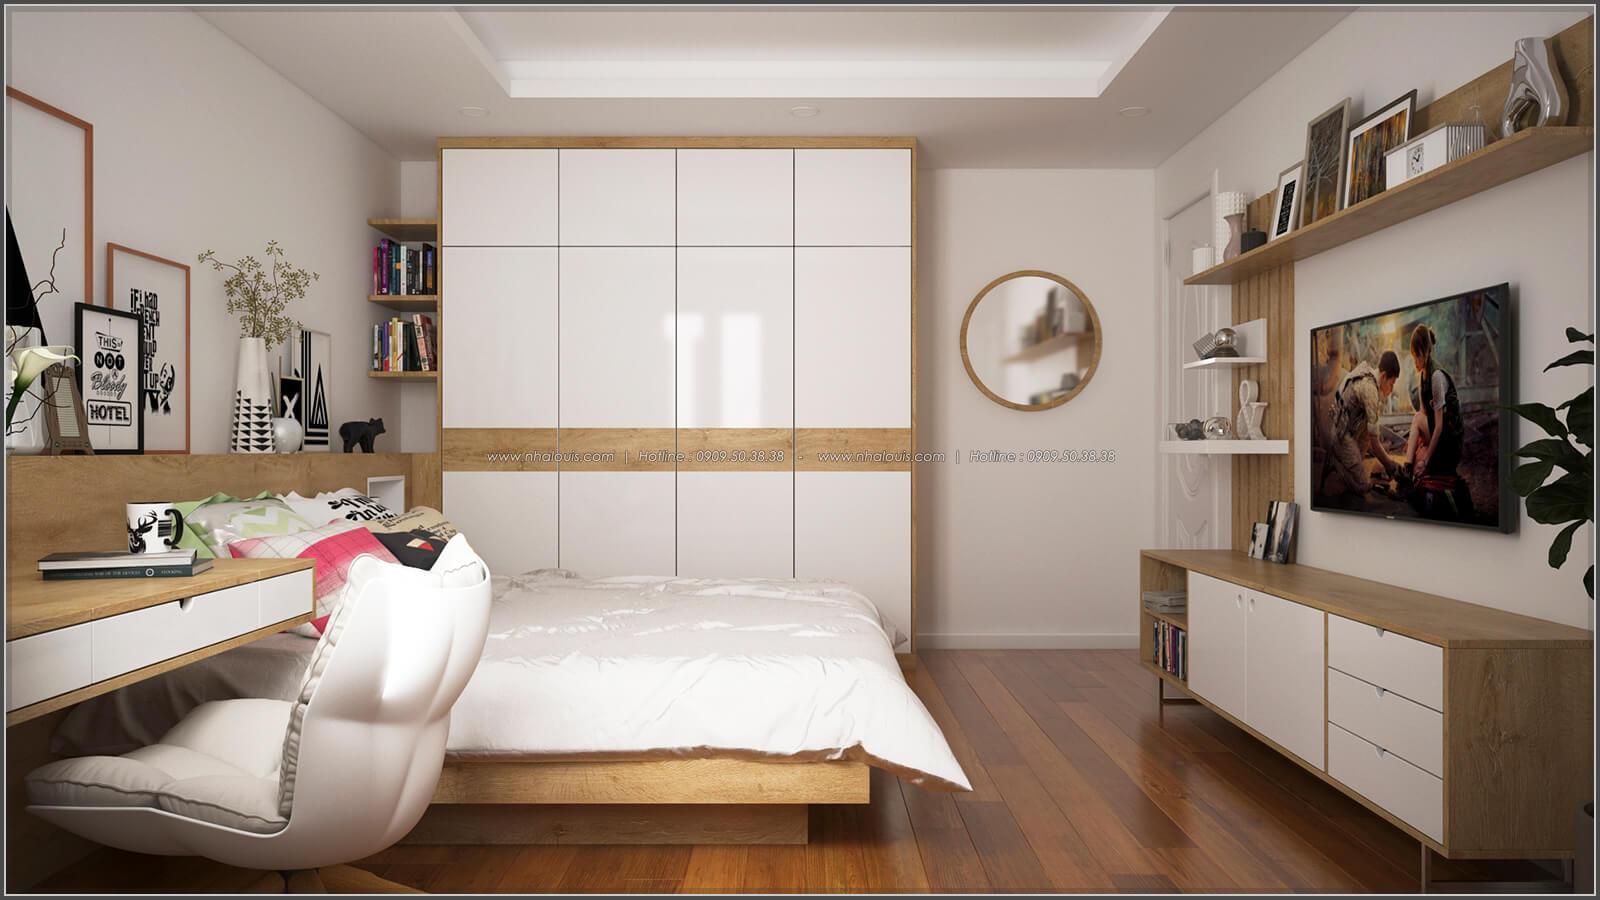 Phòng ngủ thiết kế phòng trọ 15m2 tại Quận Bình Thạnh - 13